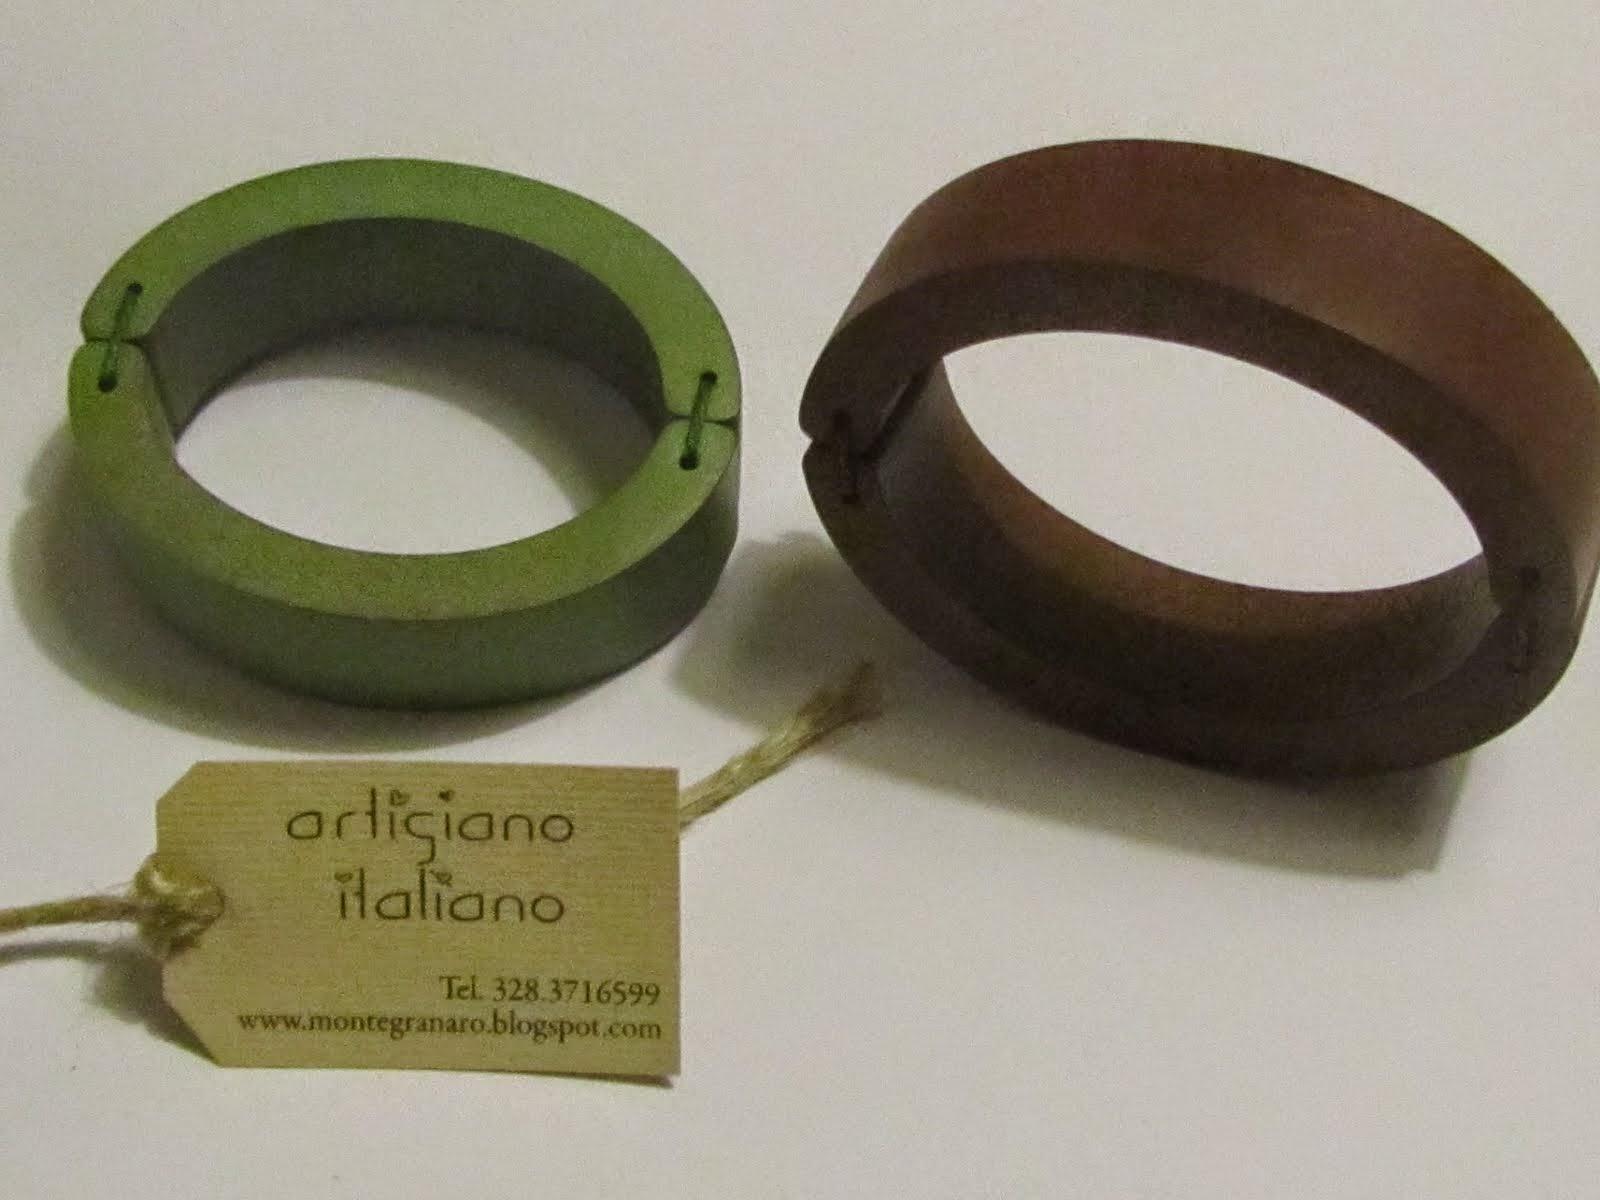 Bracciali torniti a mano, fatti di legno, colorati a mano, personalizzati